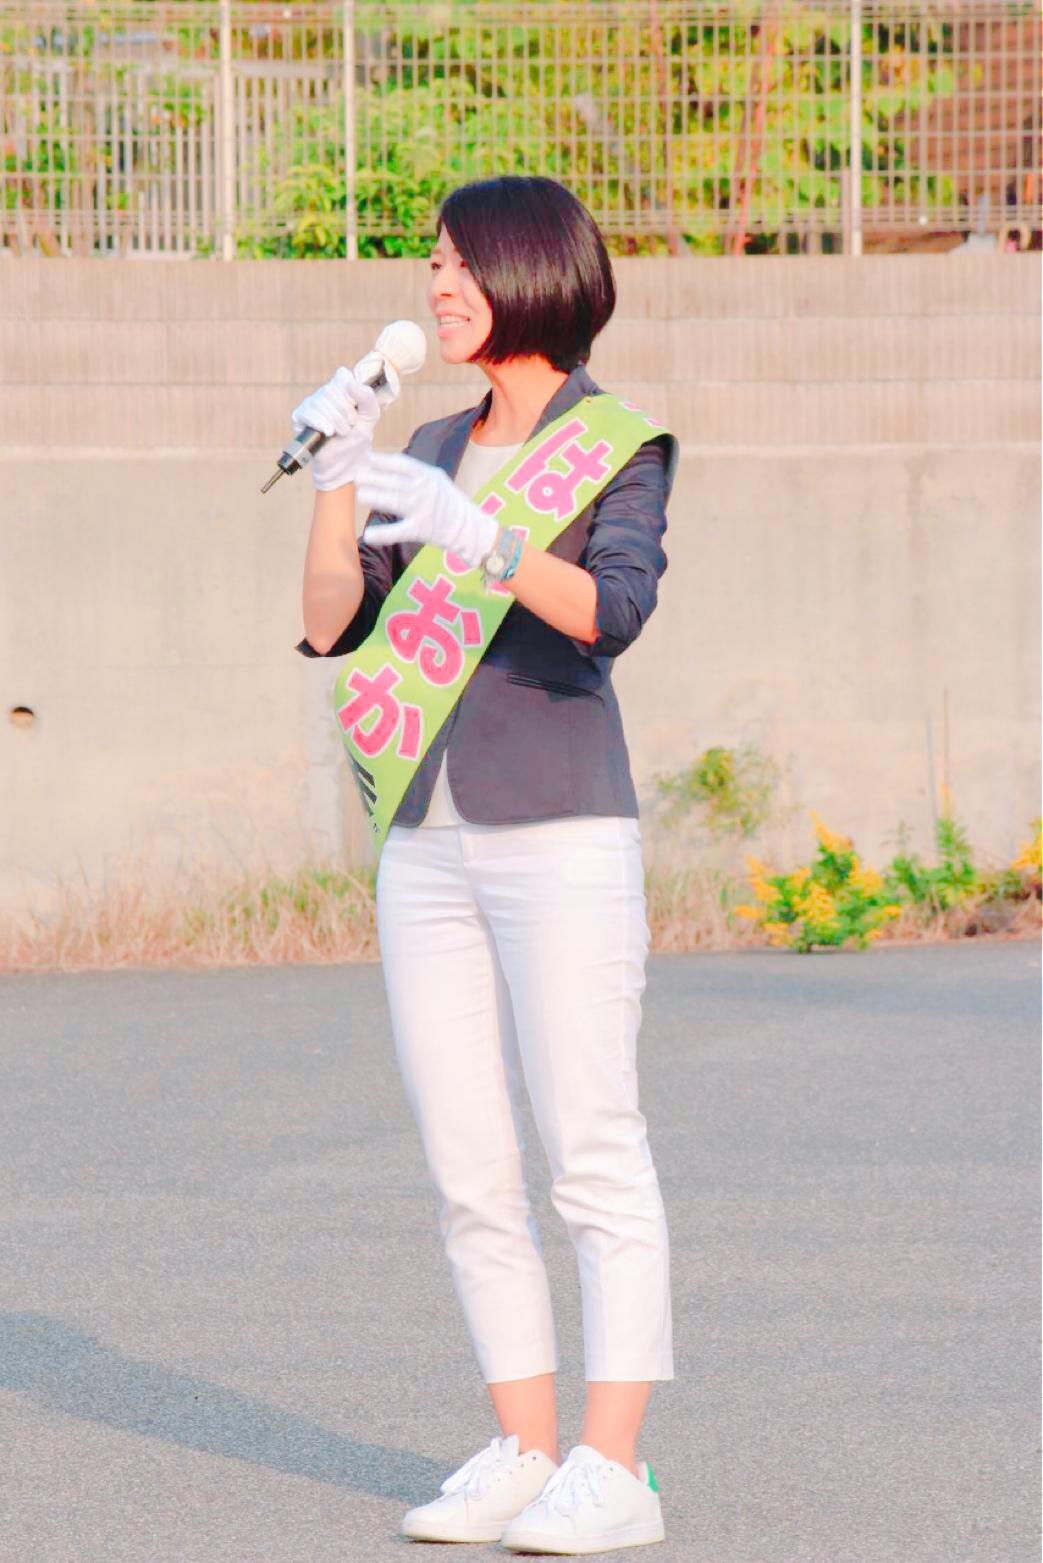 江田島市で活動中、支援者に撮影していただいた一枚です。